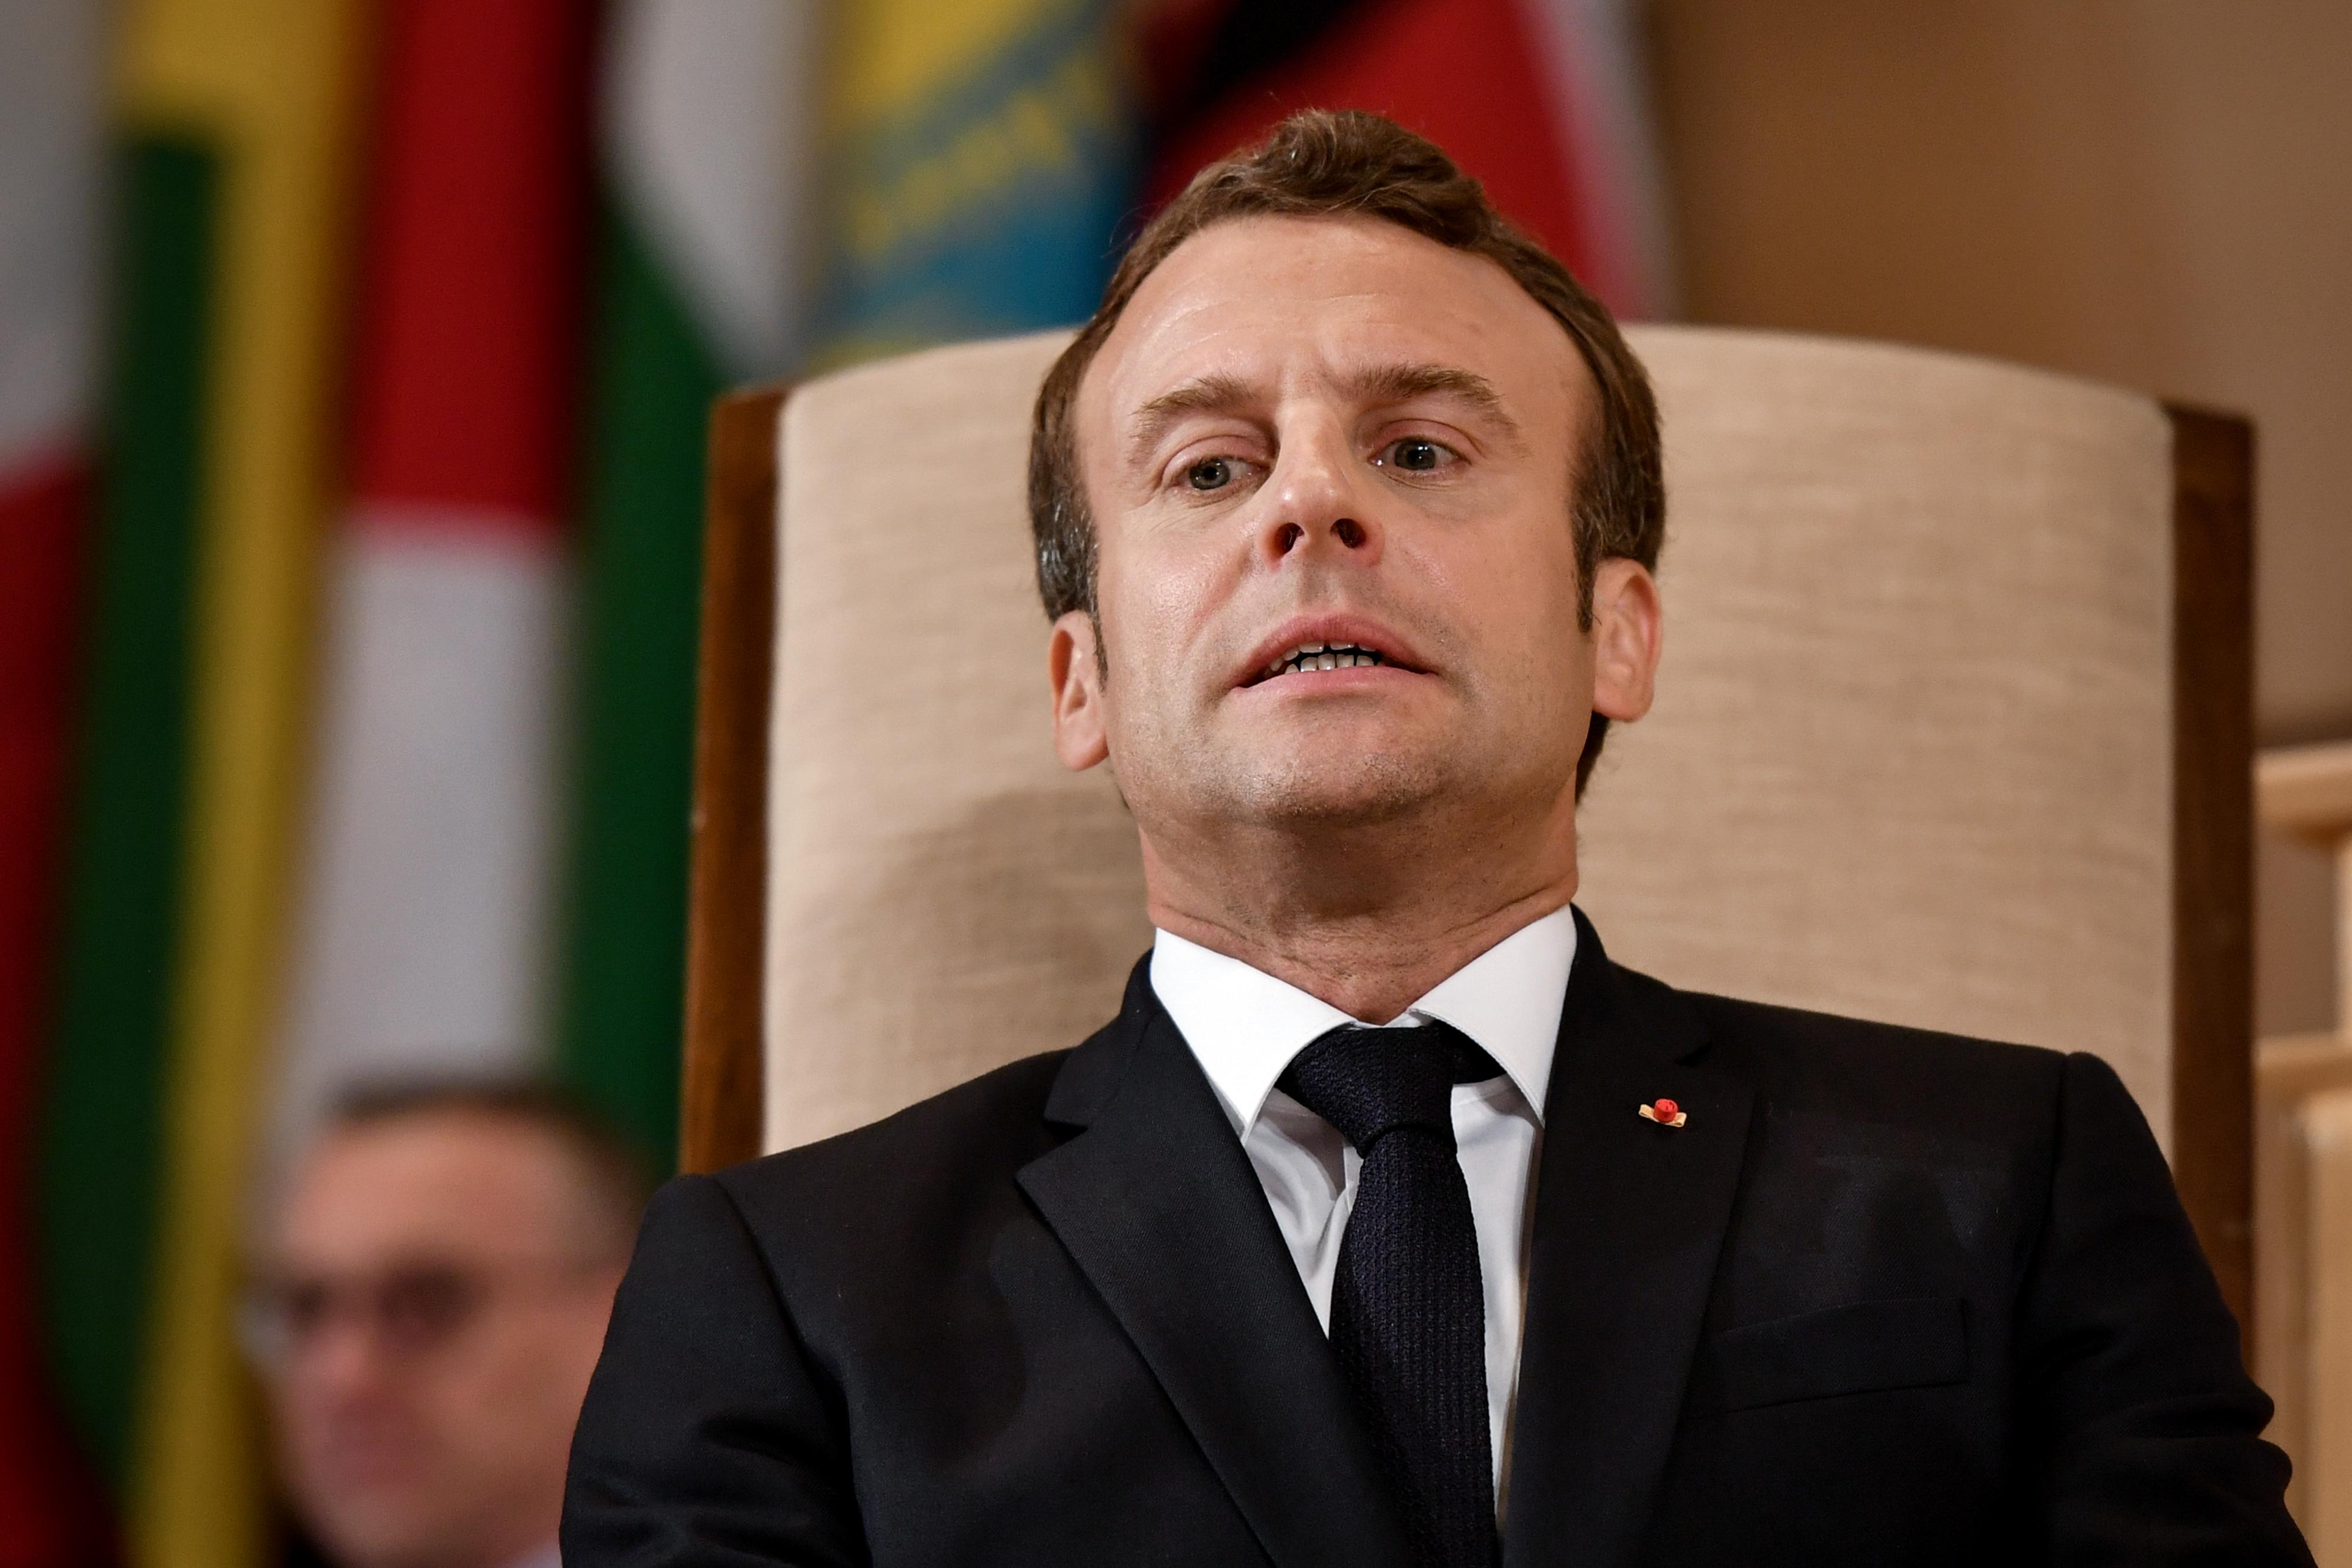 Macron: Eddig nem sikerült bizonyítanunk, hogy a műszaki fejlődés társadalmi haladással jár